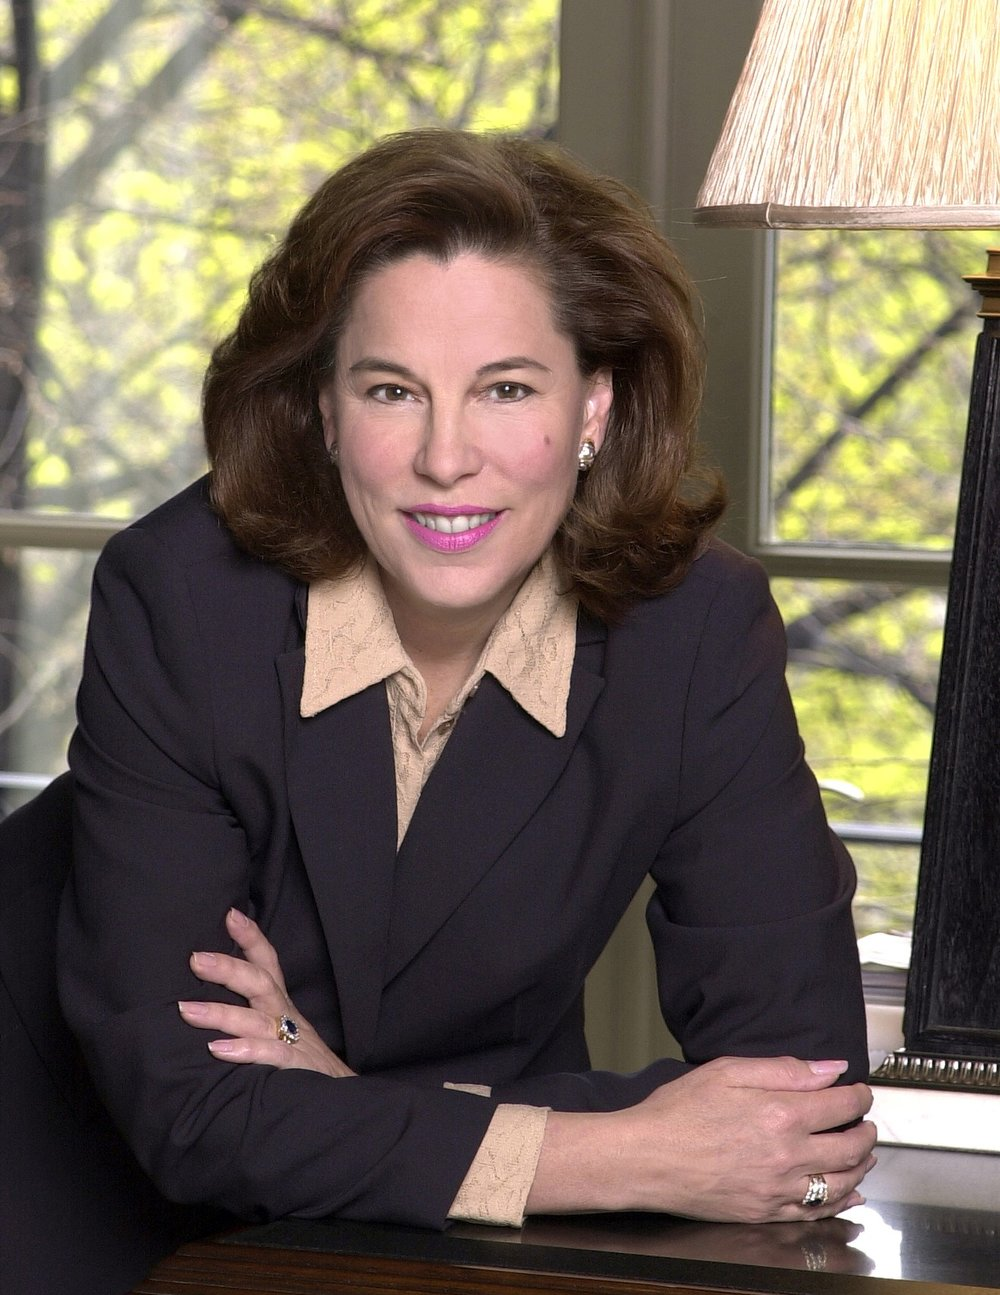 Penny Shore Pres. & CEO, P. Shore & Assoc. Inc.